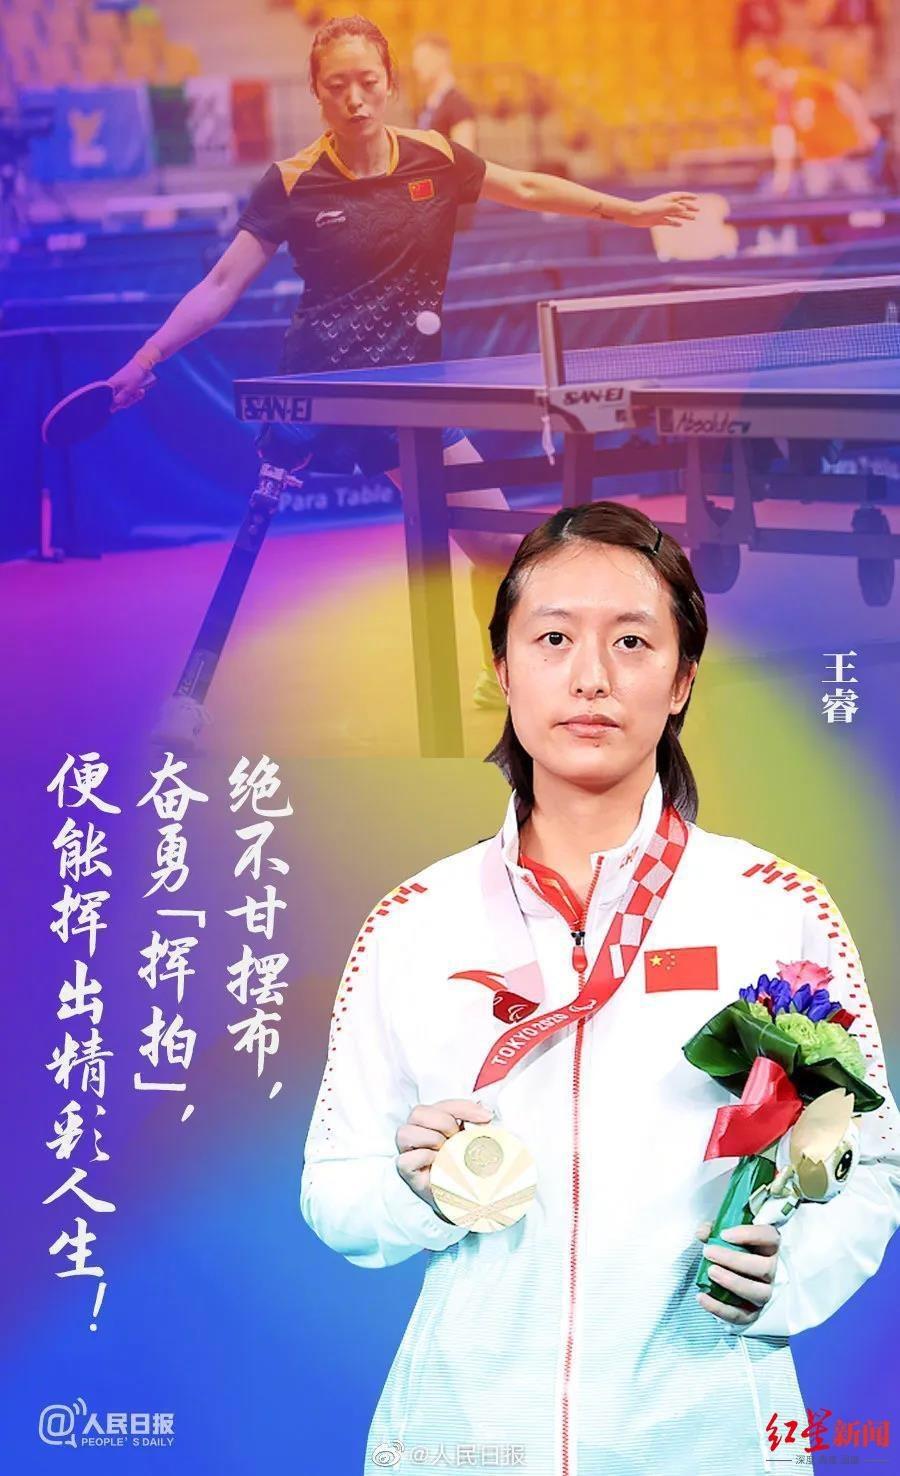 祝贺!汶川地震截肢女孩获授全国五一劳动奖章